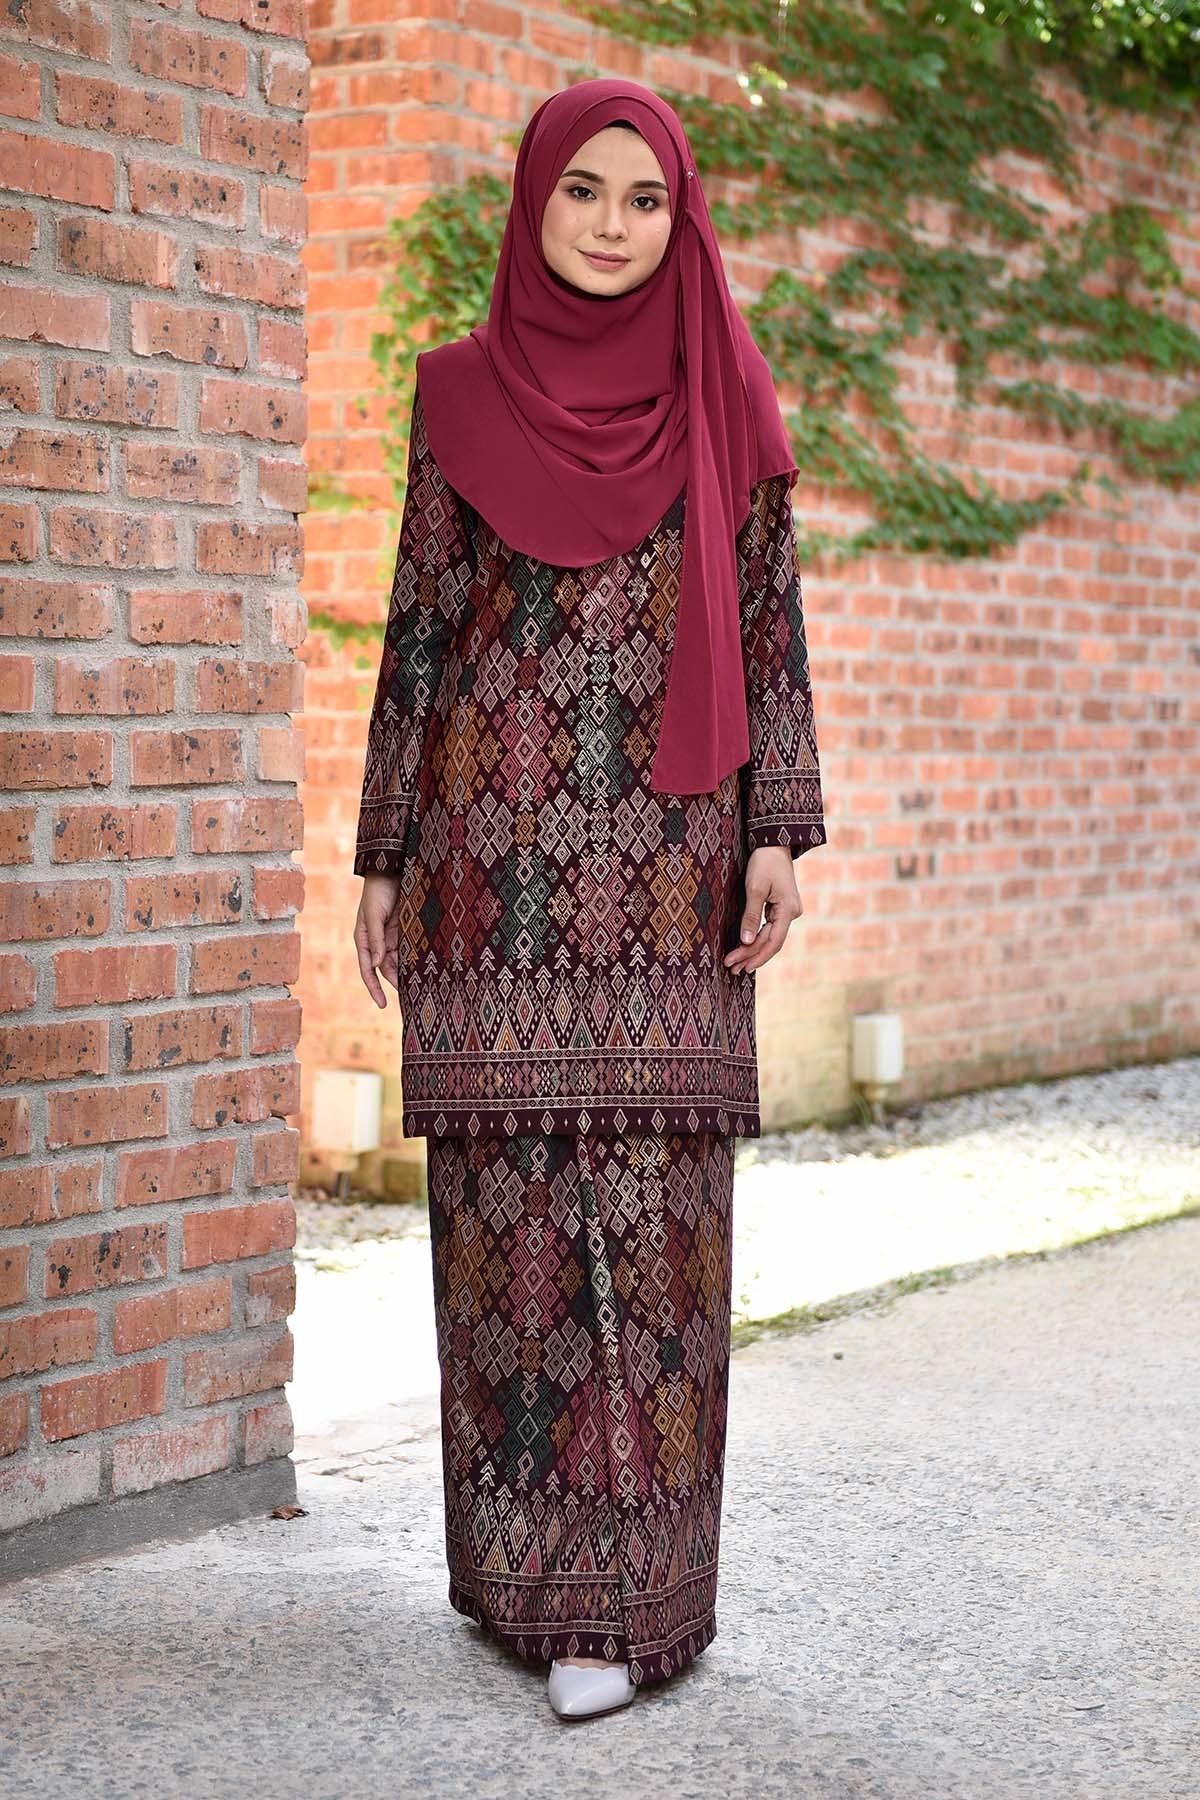 Ide Gaun Bridesmaid Hijab Wddj Baju Kurung songket Luella Deep Maroon